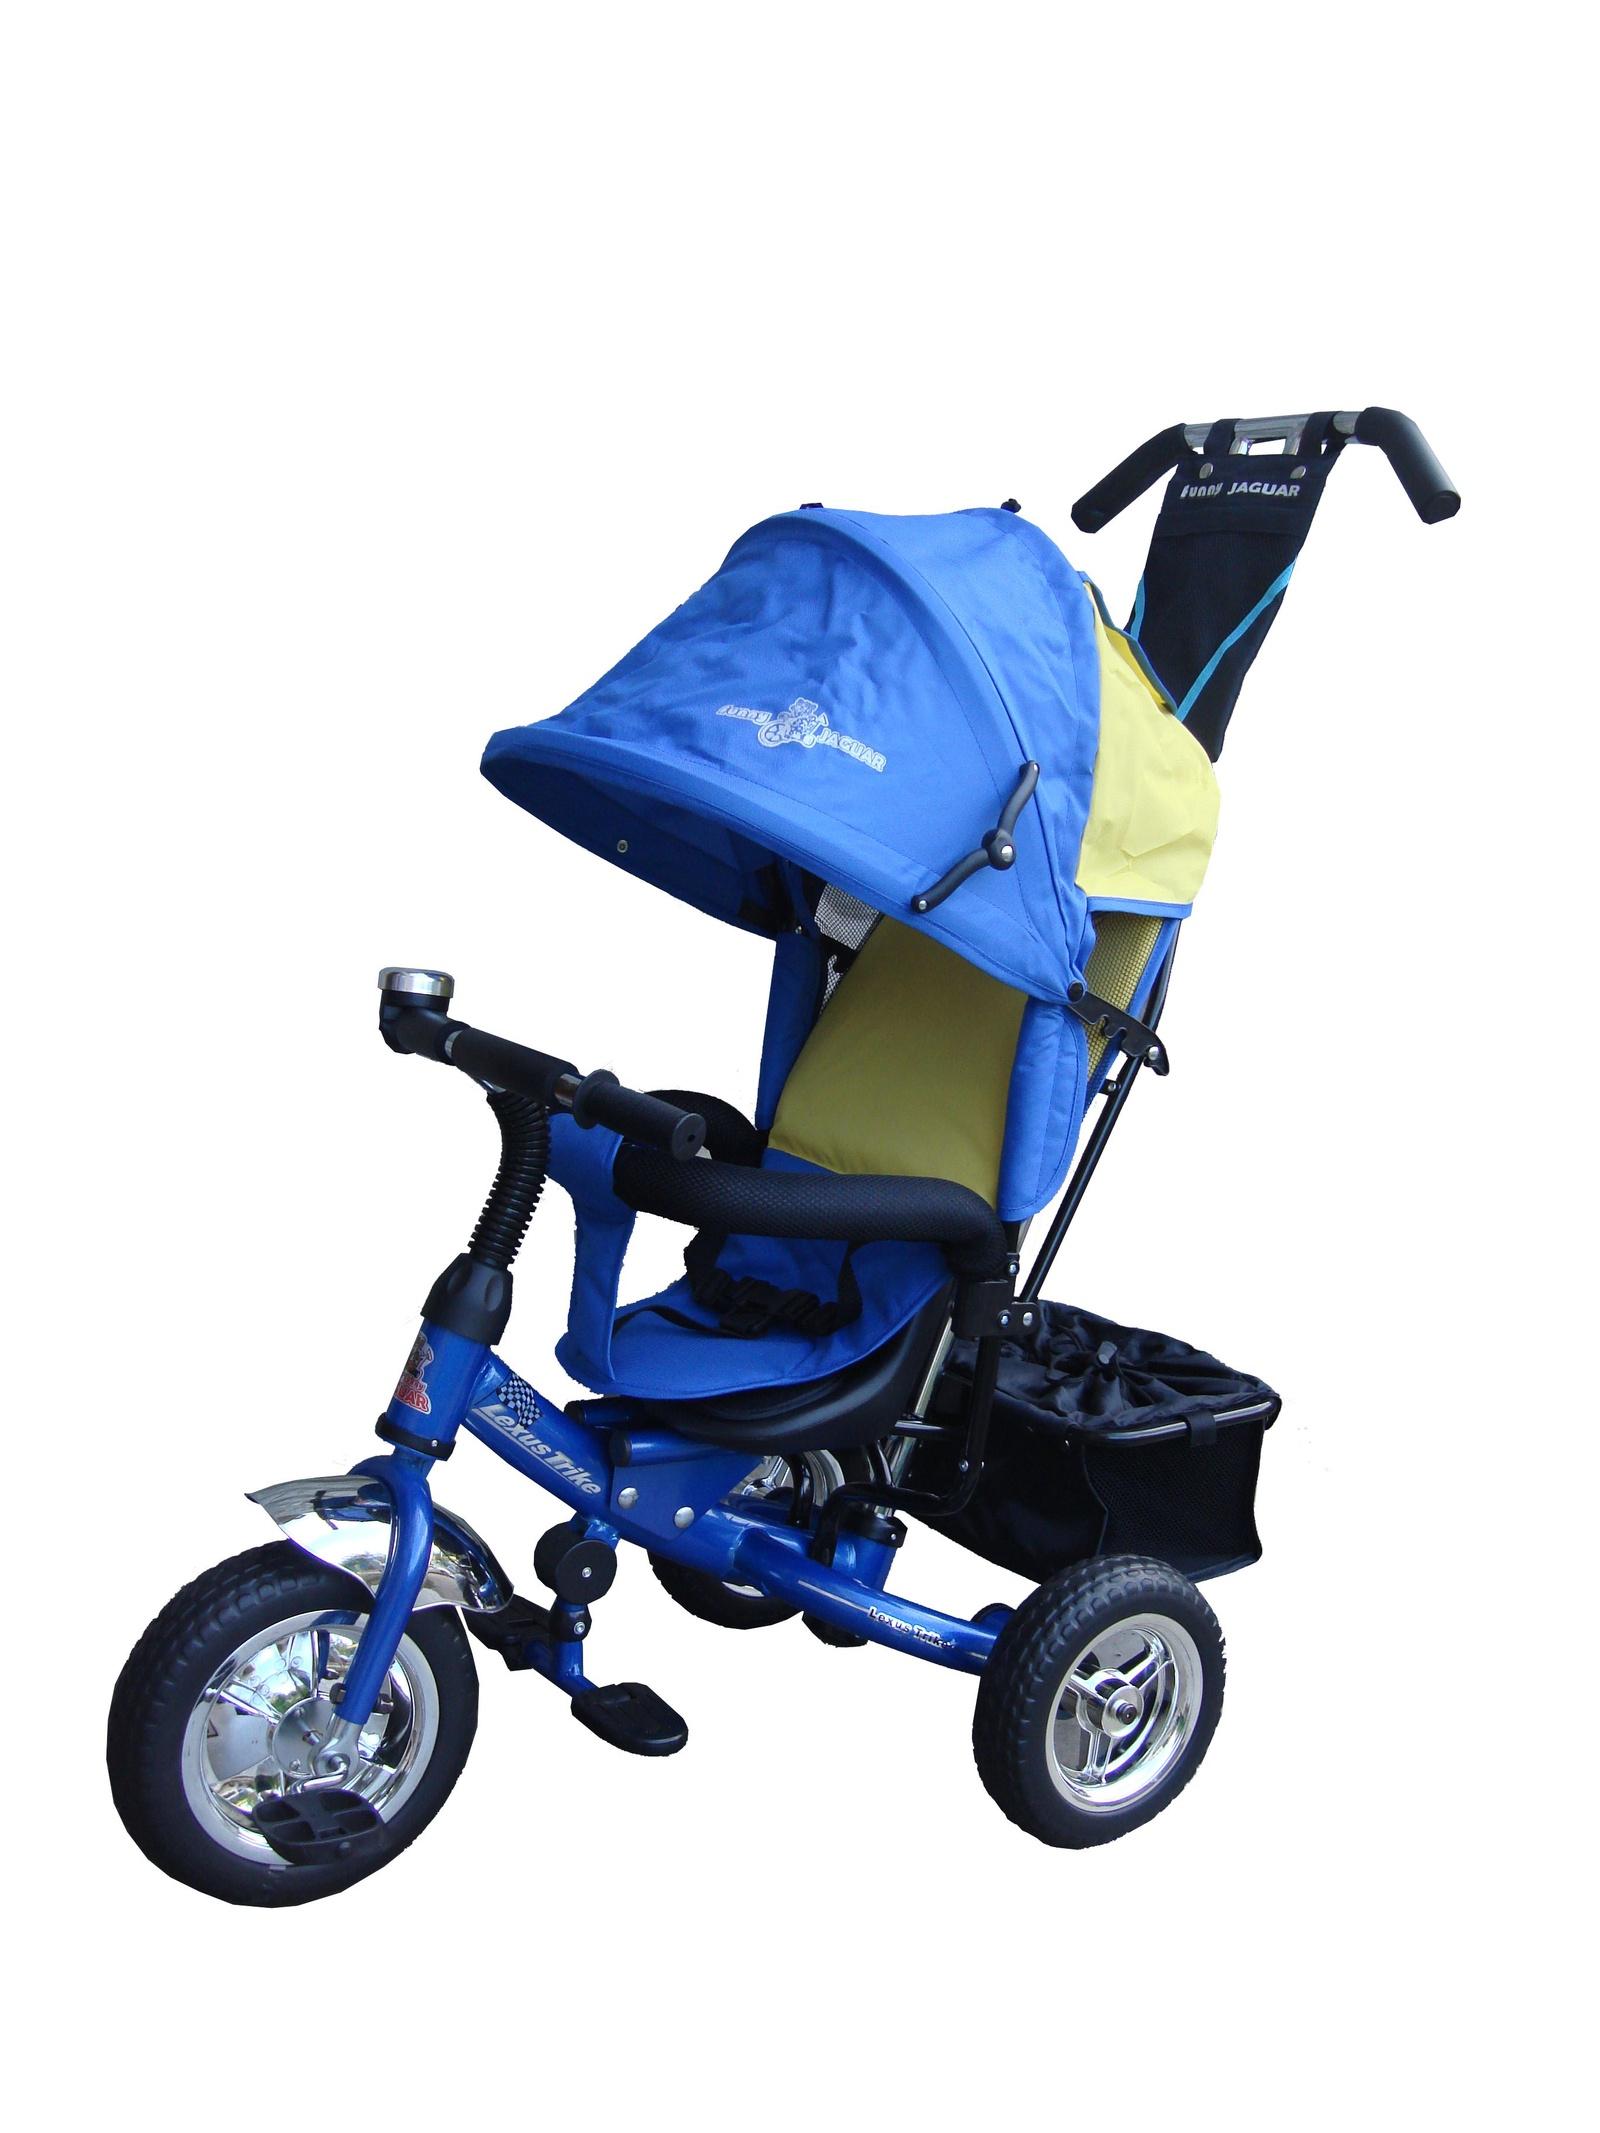 Велосипед Lexus Trike MS-0521, синий